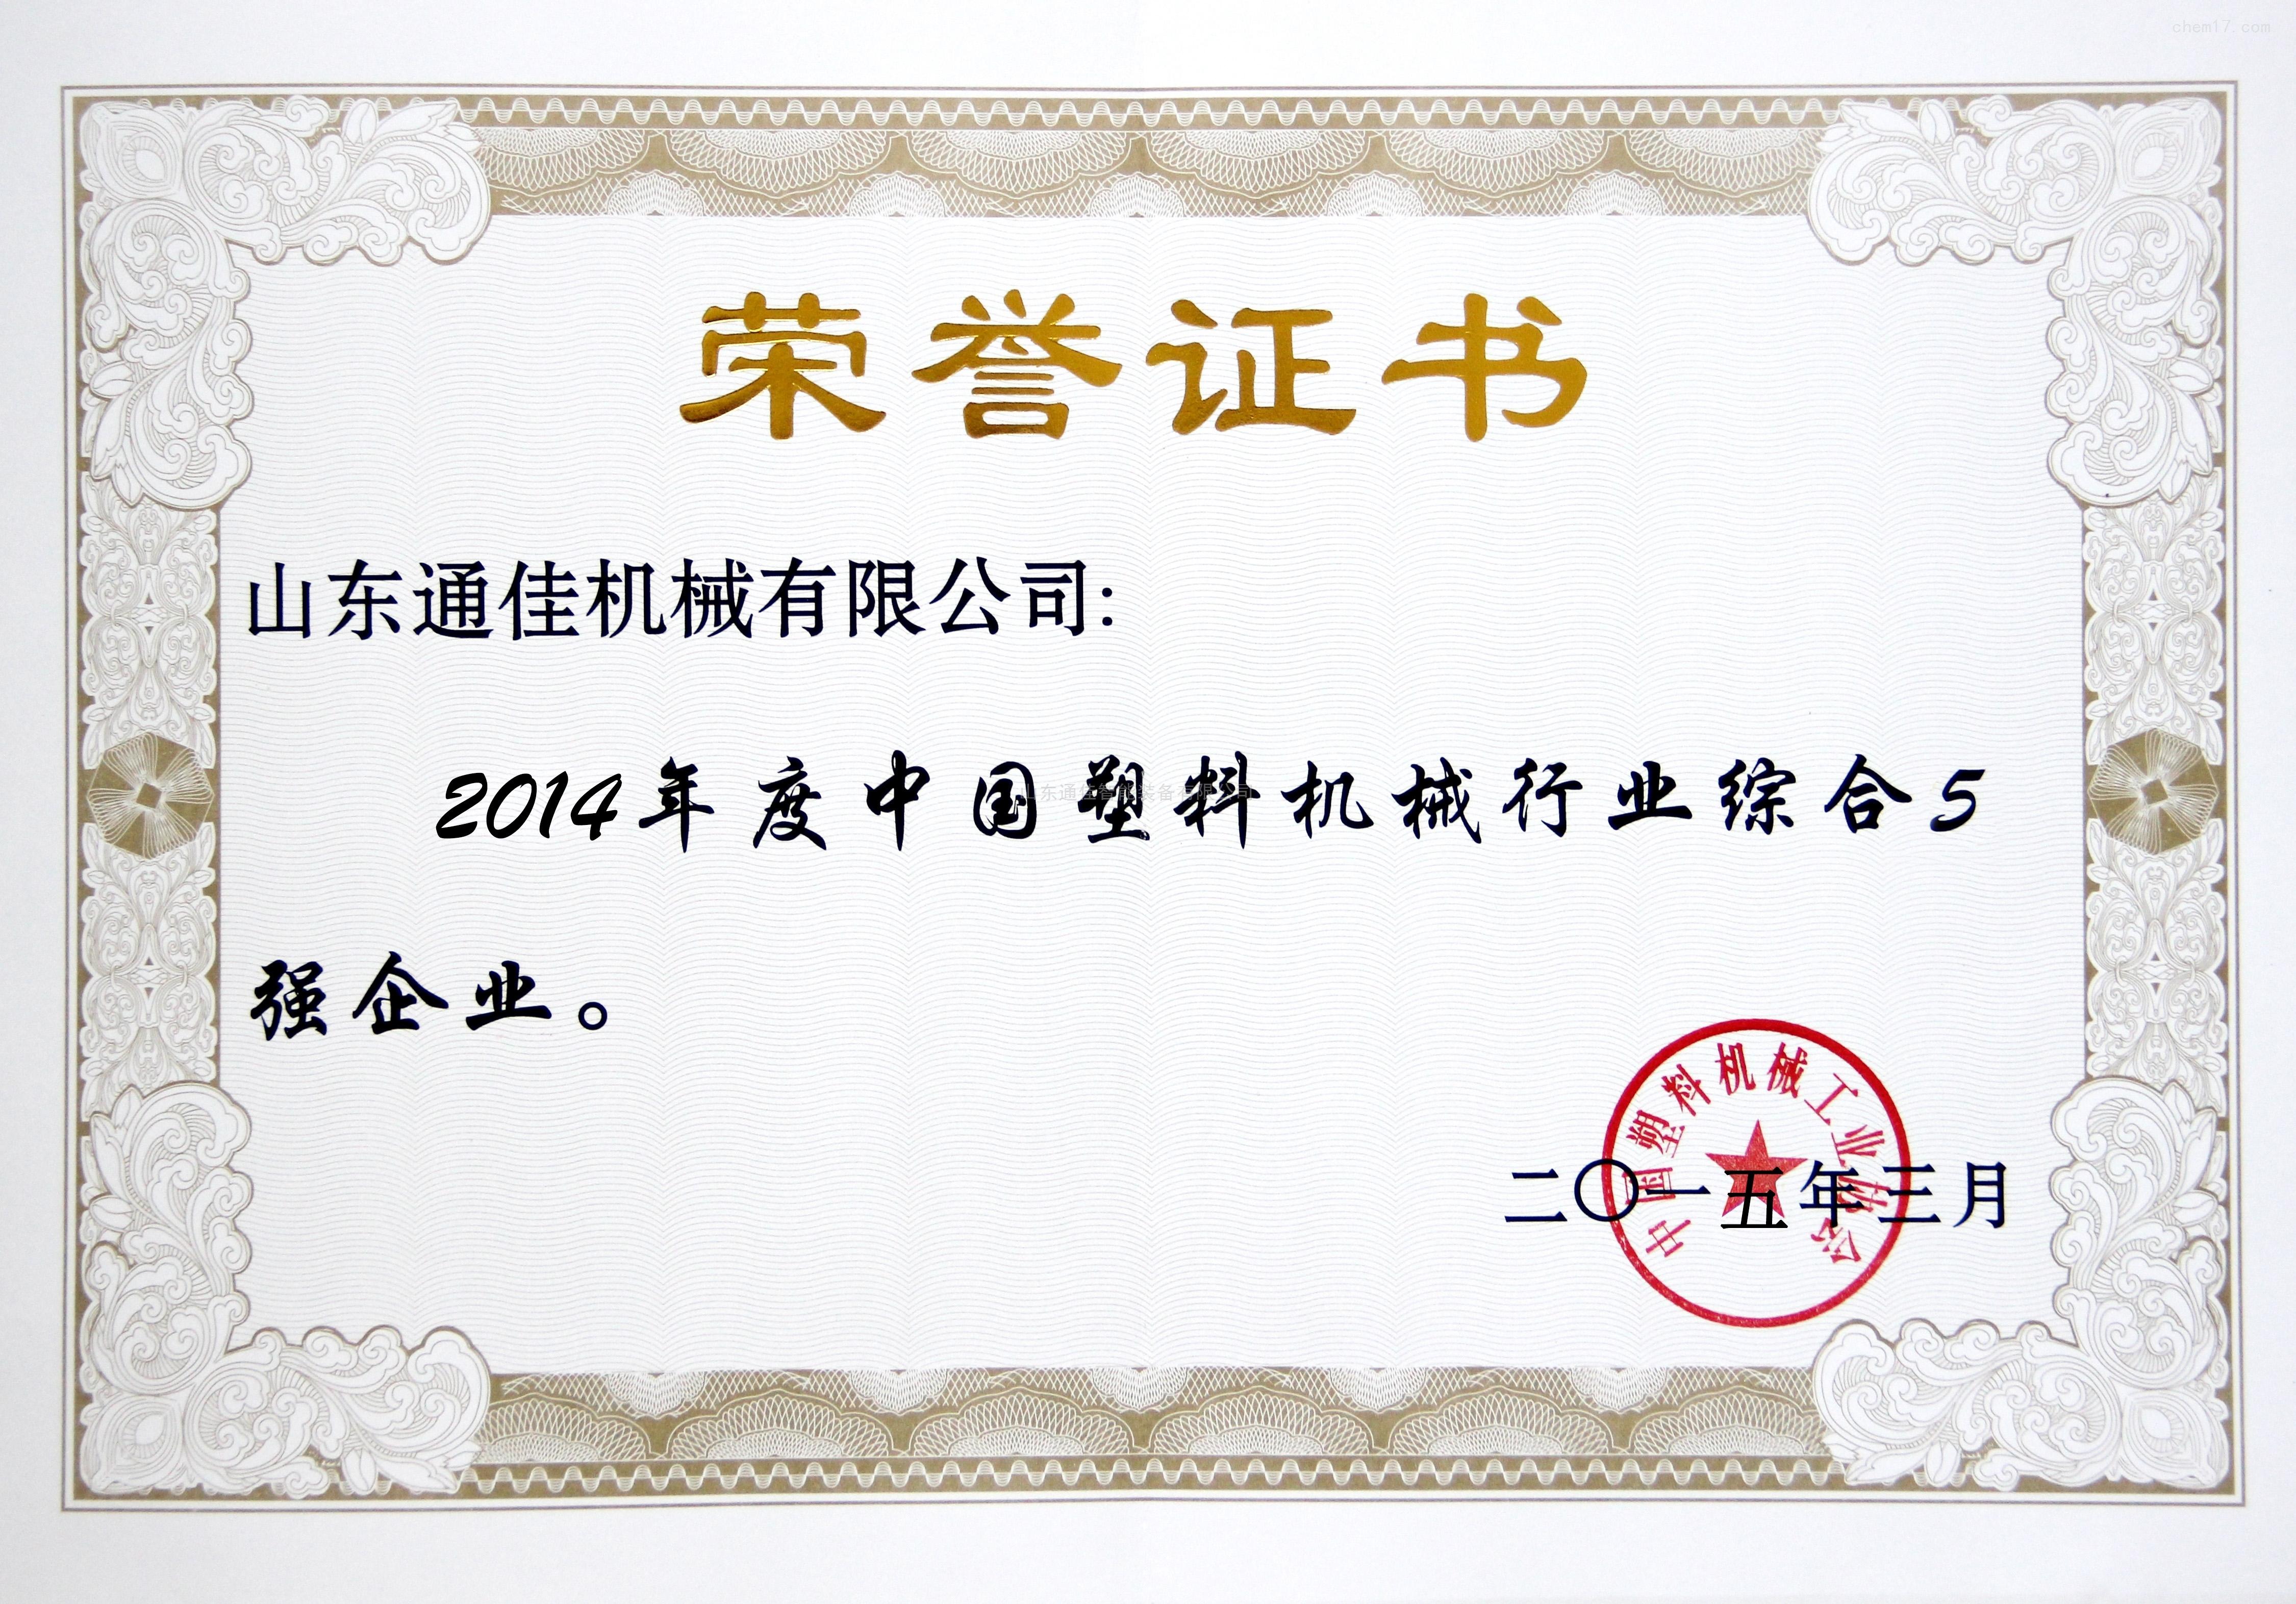 中国塑料机械行业综合5强企业